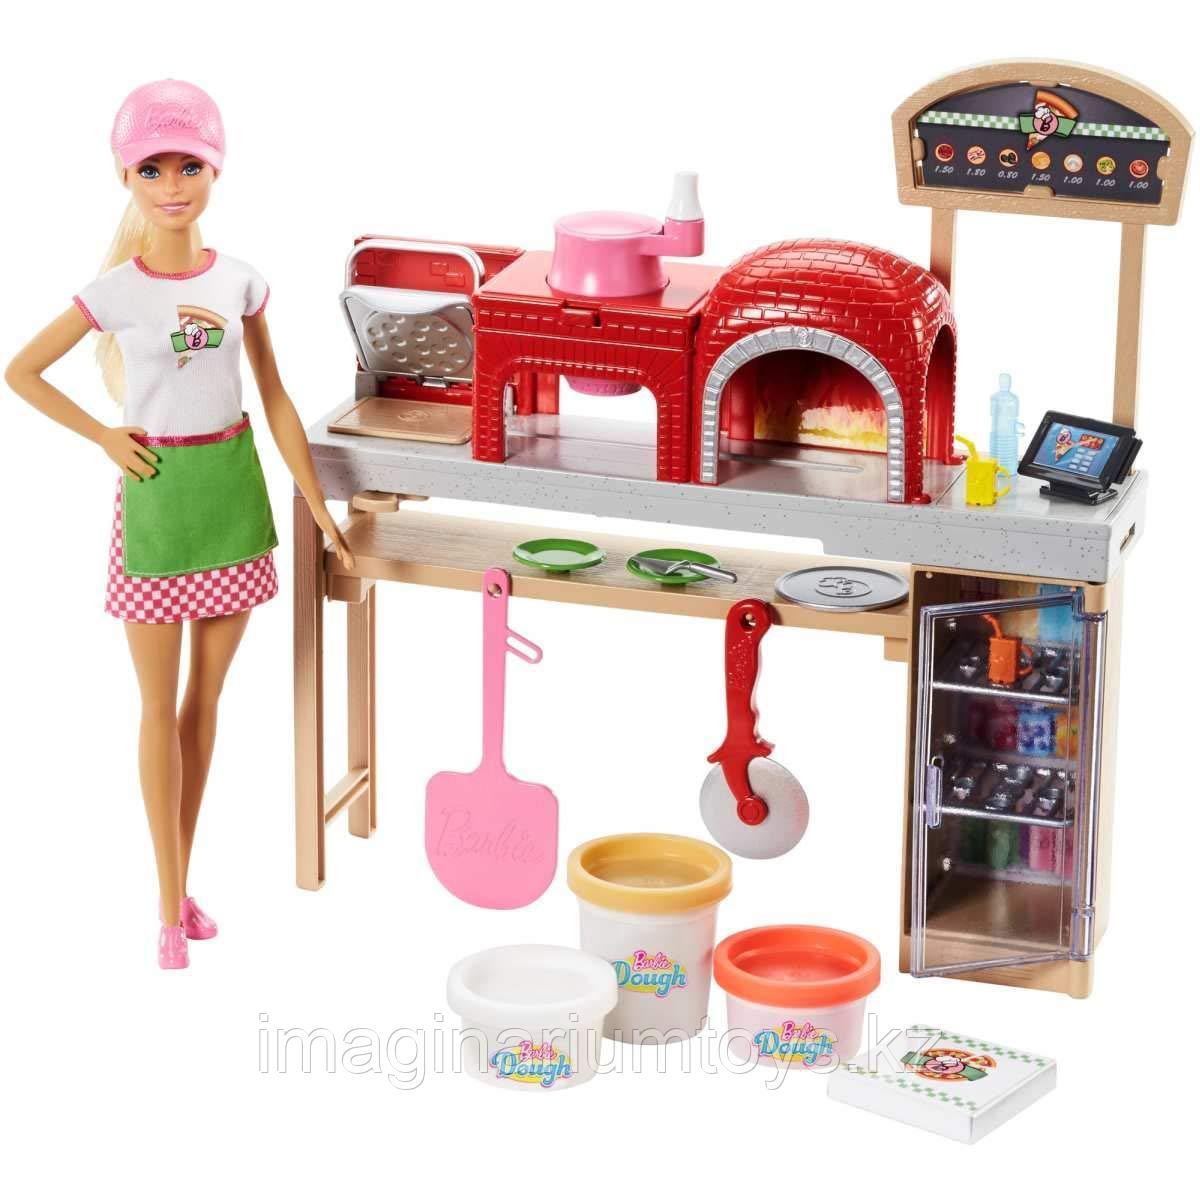 Барби ПИЦЦЕРИЯ игровой набор Barbie